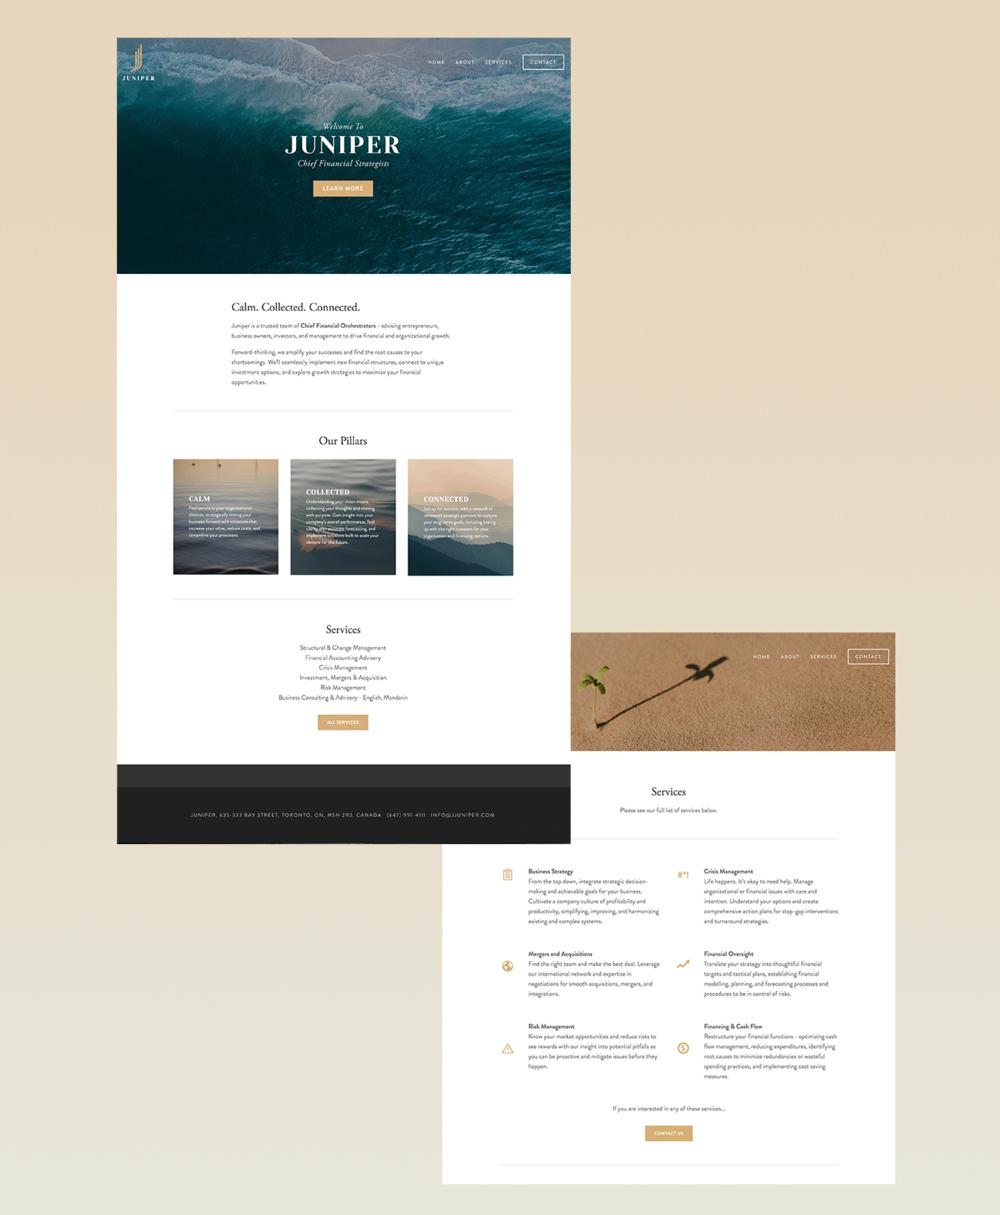 juniper-website-mockup-2.png